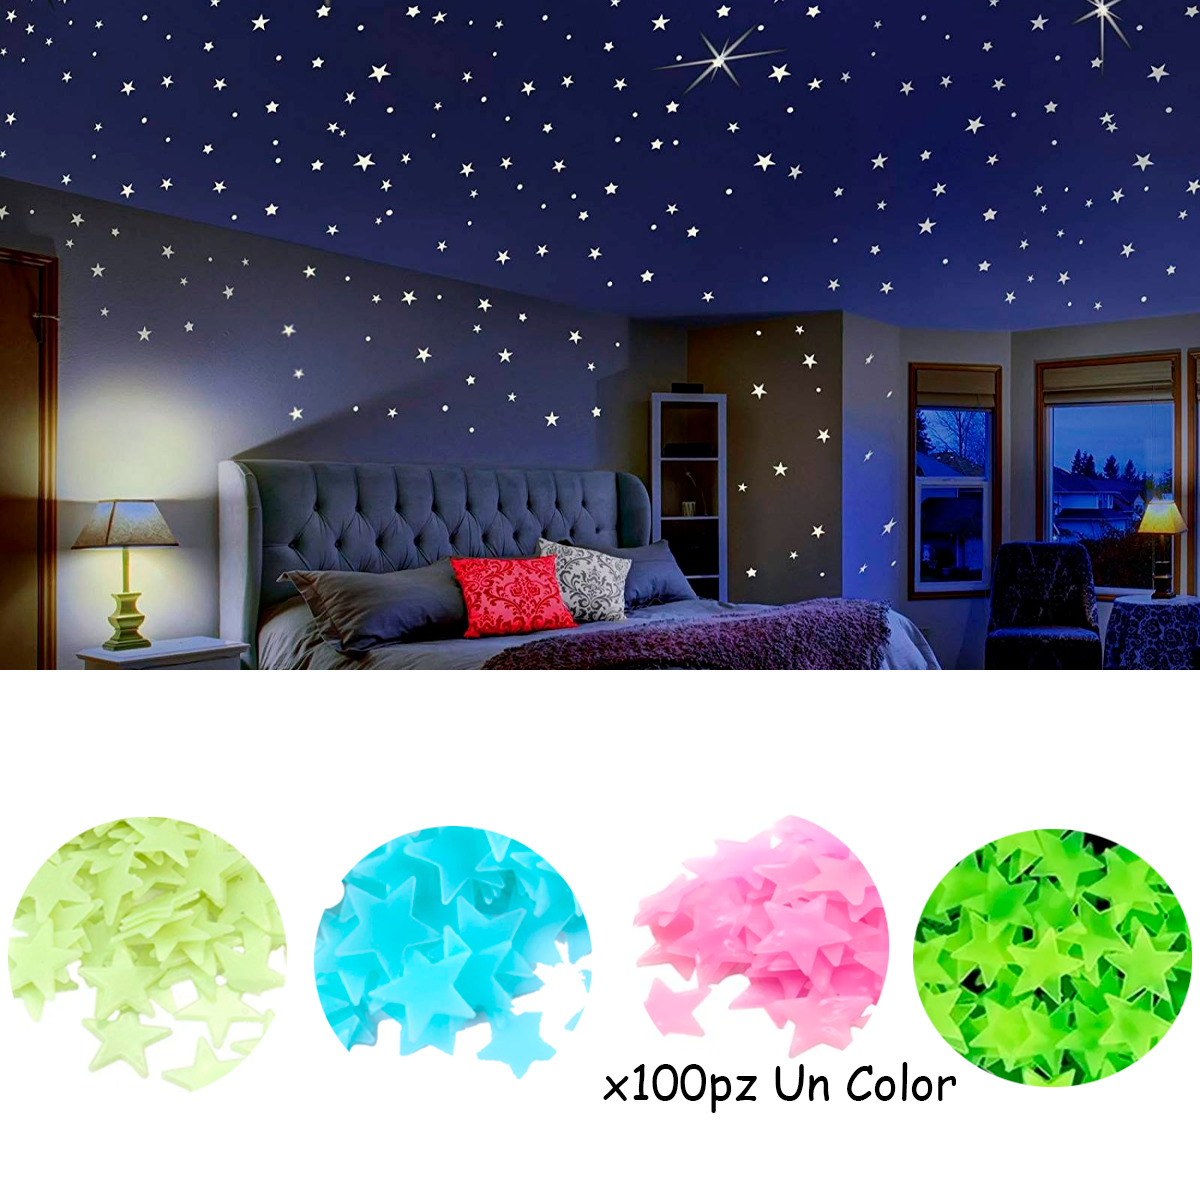 100 Estrellas Pared Stickers Neon Fosforescente Brilla Noche